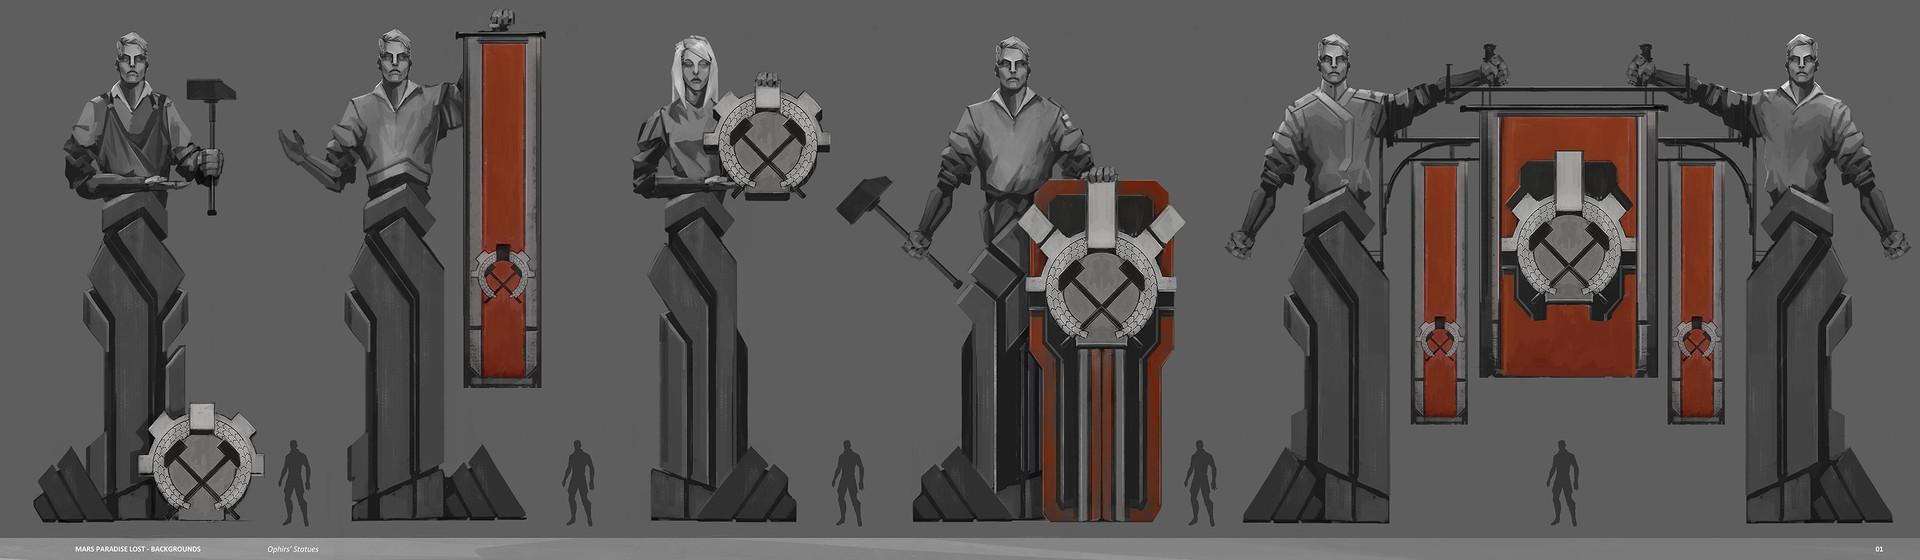 Alexandre chaudret mpl backgrounds statues03